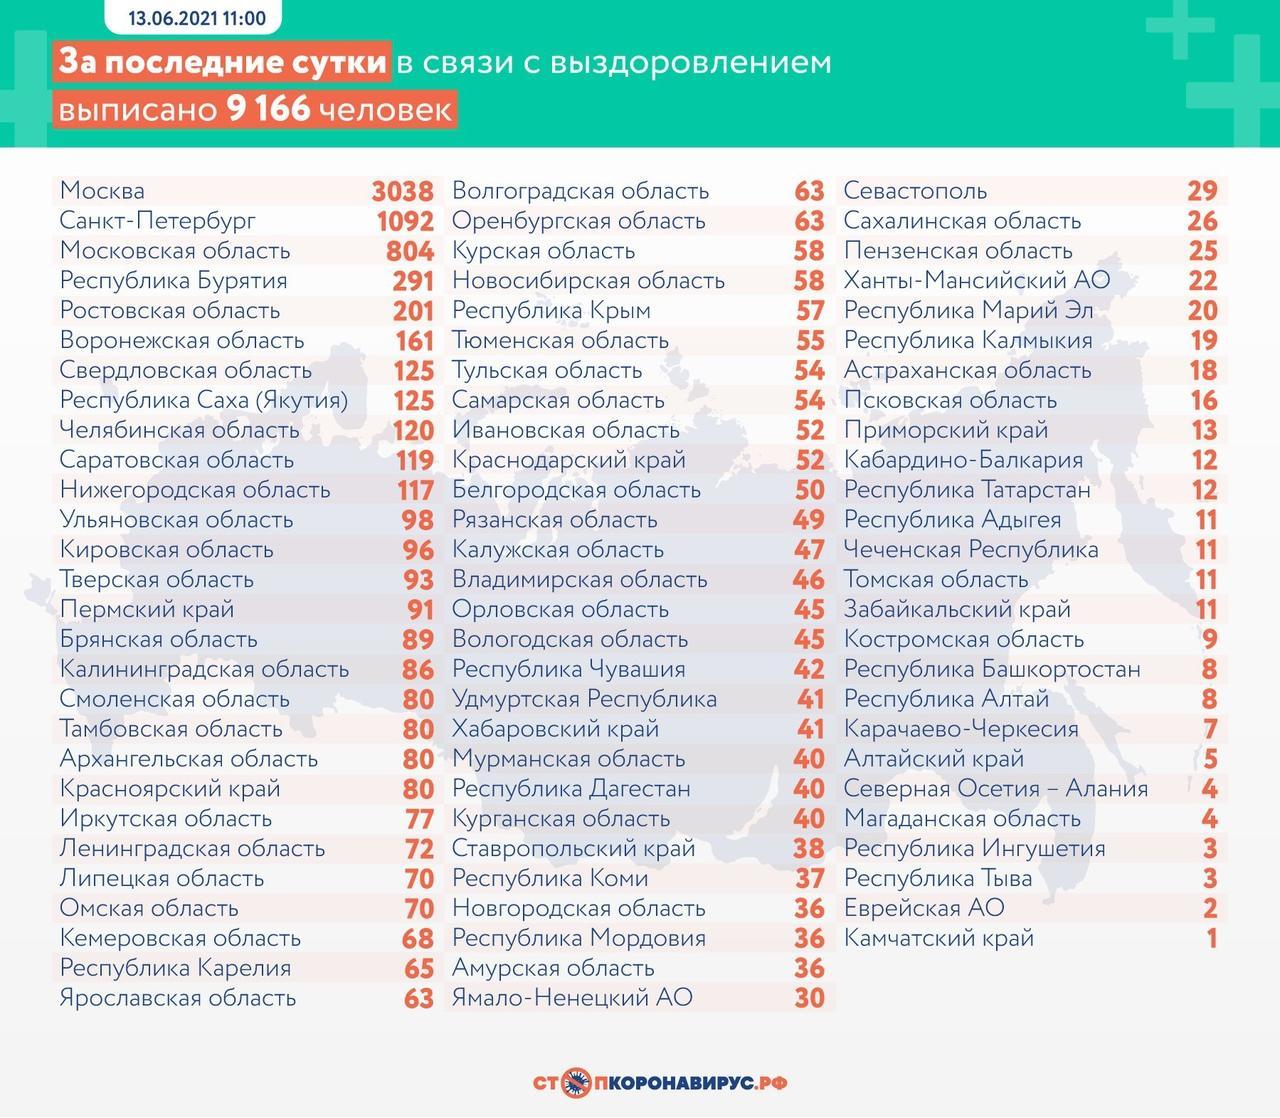 Фото В России выявлено почти 15 тысяч новых случаев заражения коронавирусом 3